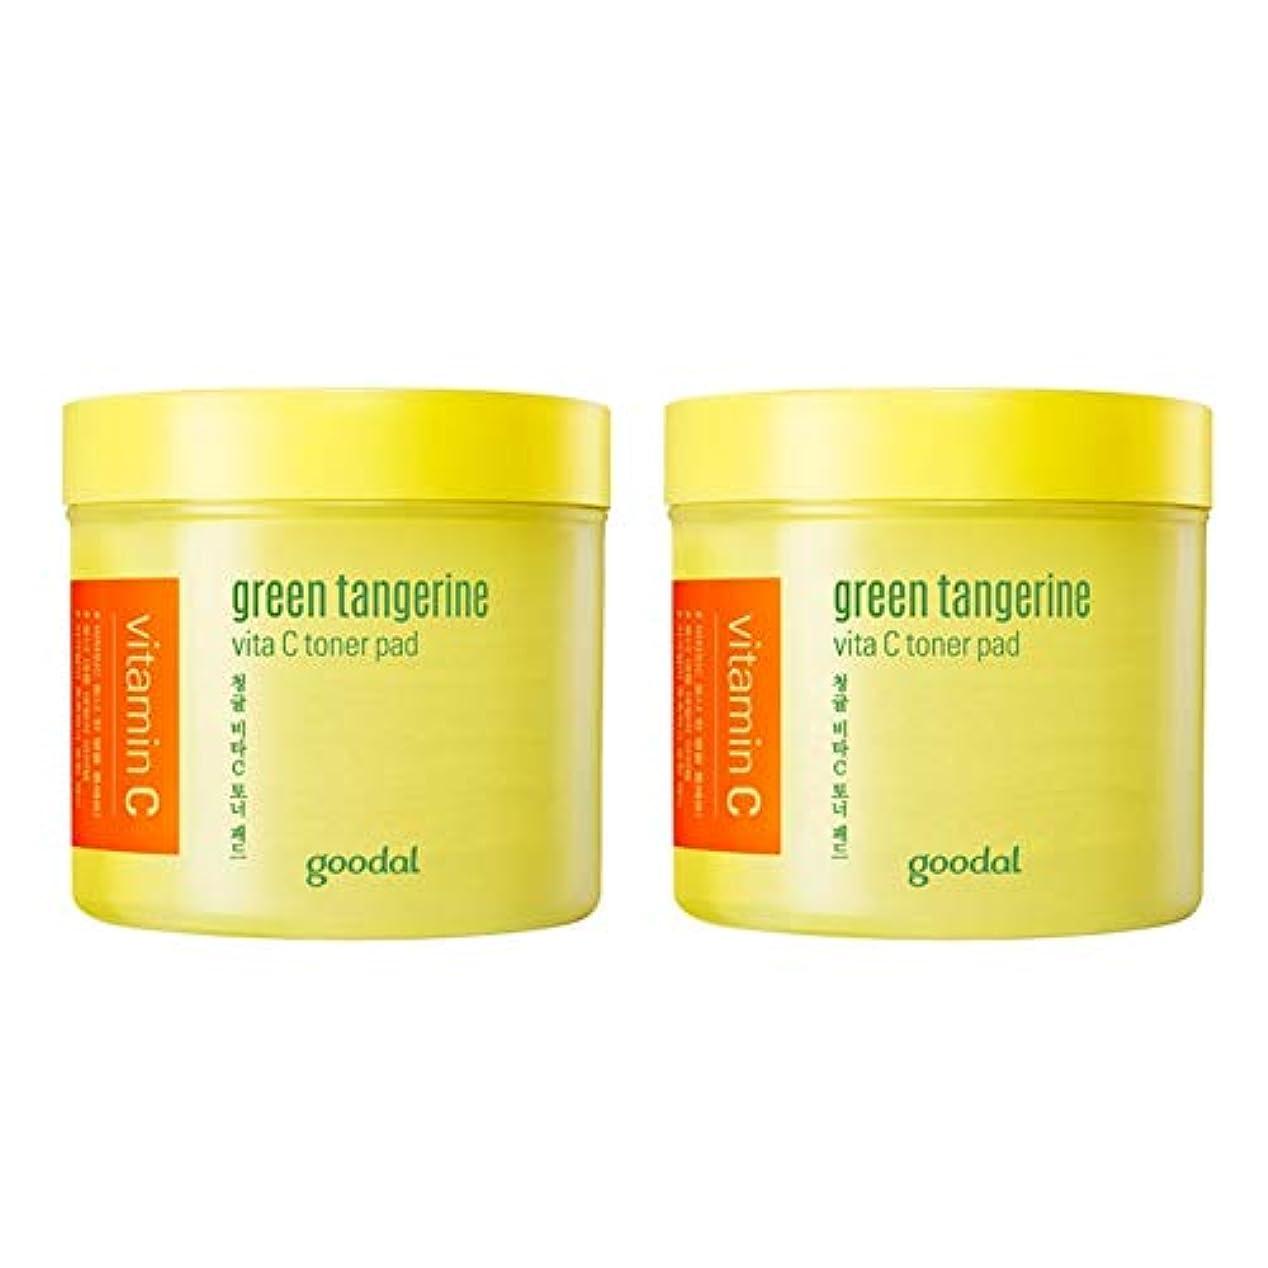 迷彩西部集団グドール青みかんヴィータCトナーパッド70px2本セット質除去、水分供給 韓国コスメ 、Goodal Green Tangerine Vita C Toner Pad 70p x 2ea Set Korean Cosmetics...